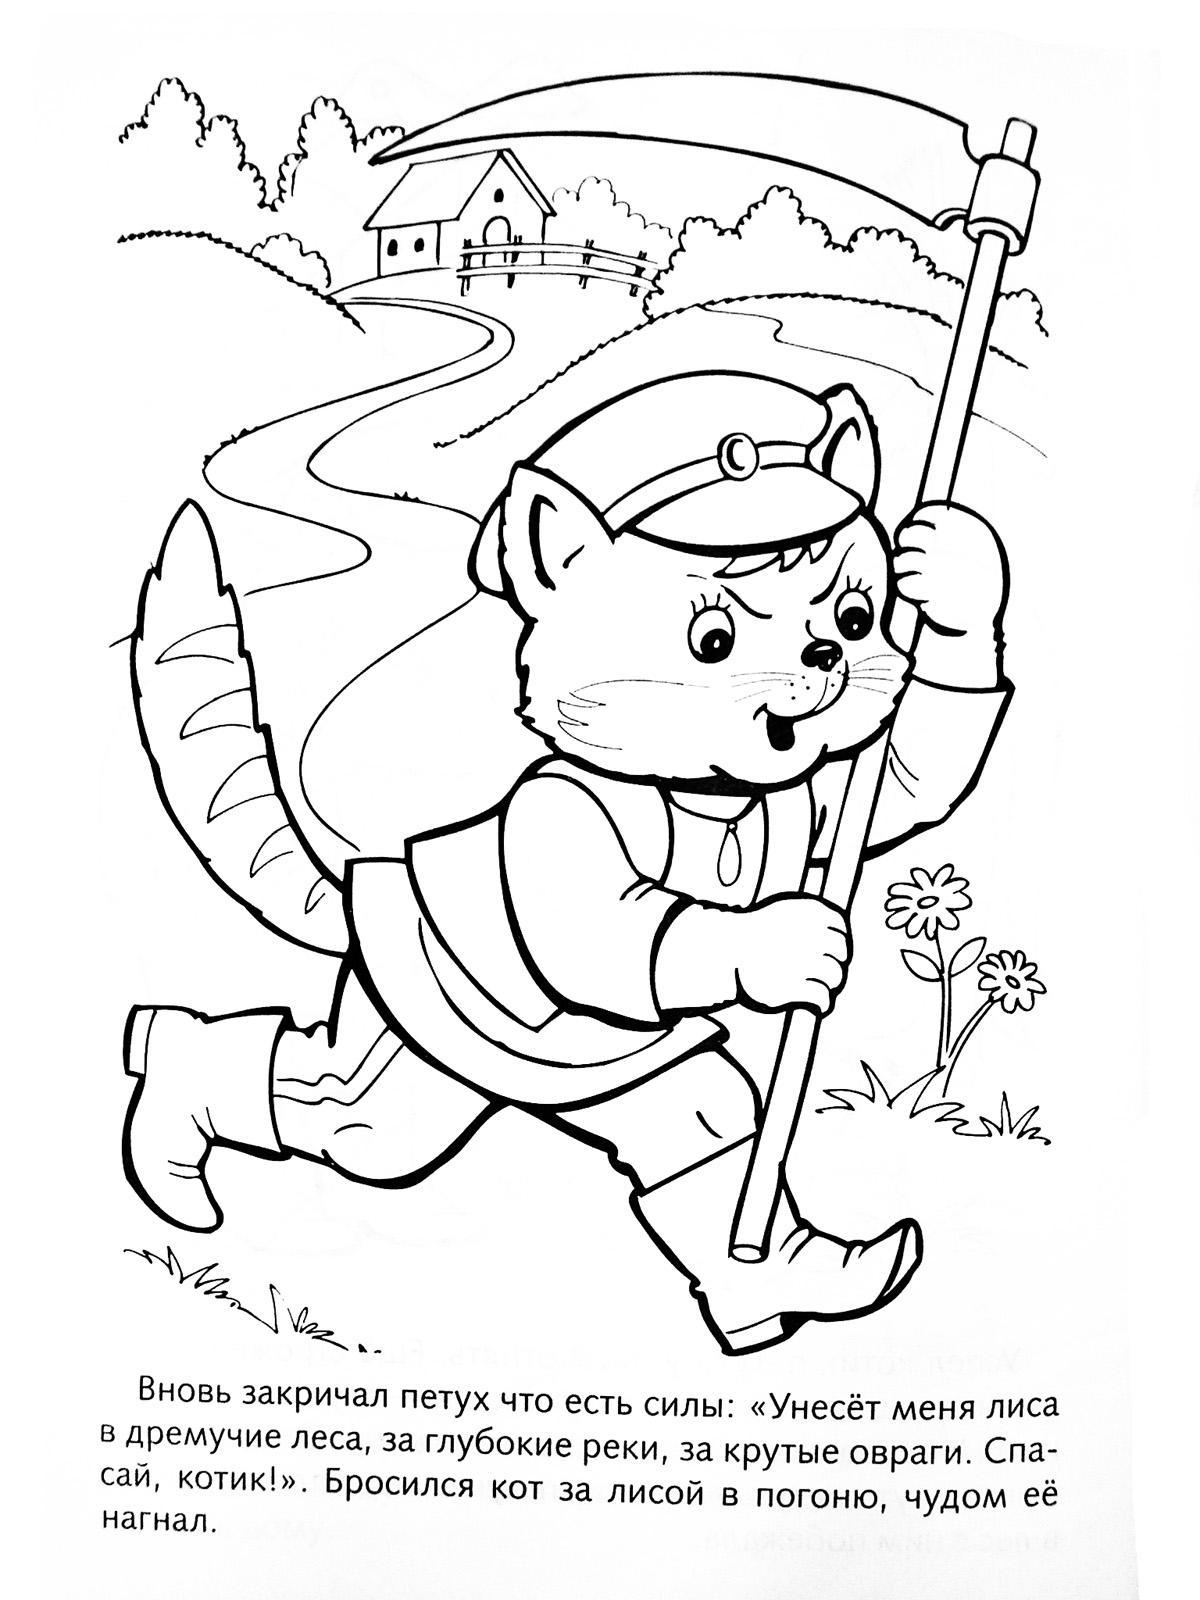 раскраска кот петух и лиса русская народная сказка распечатать